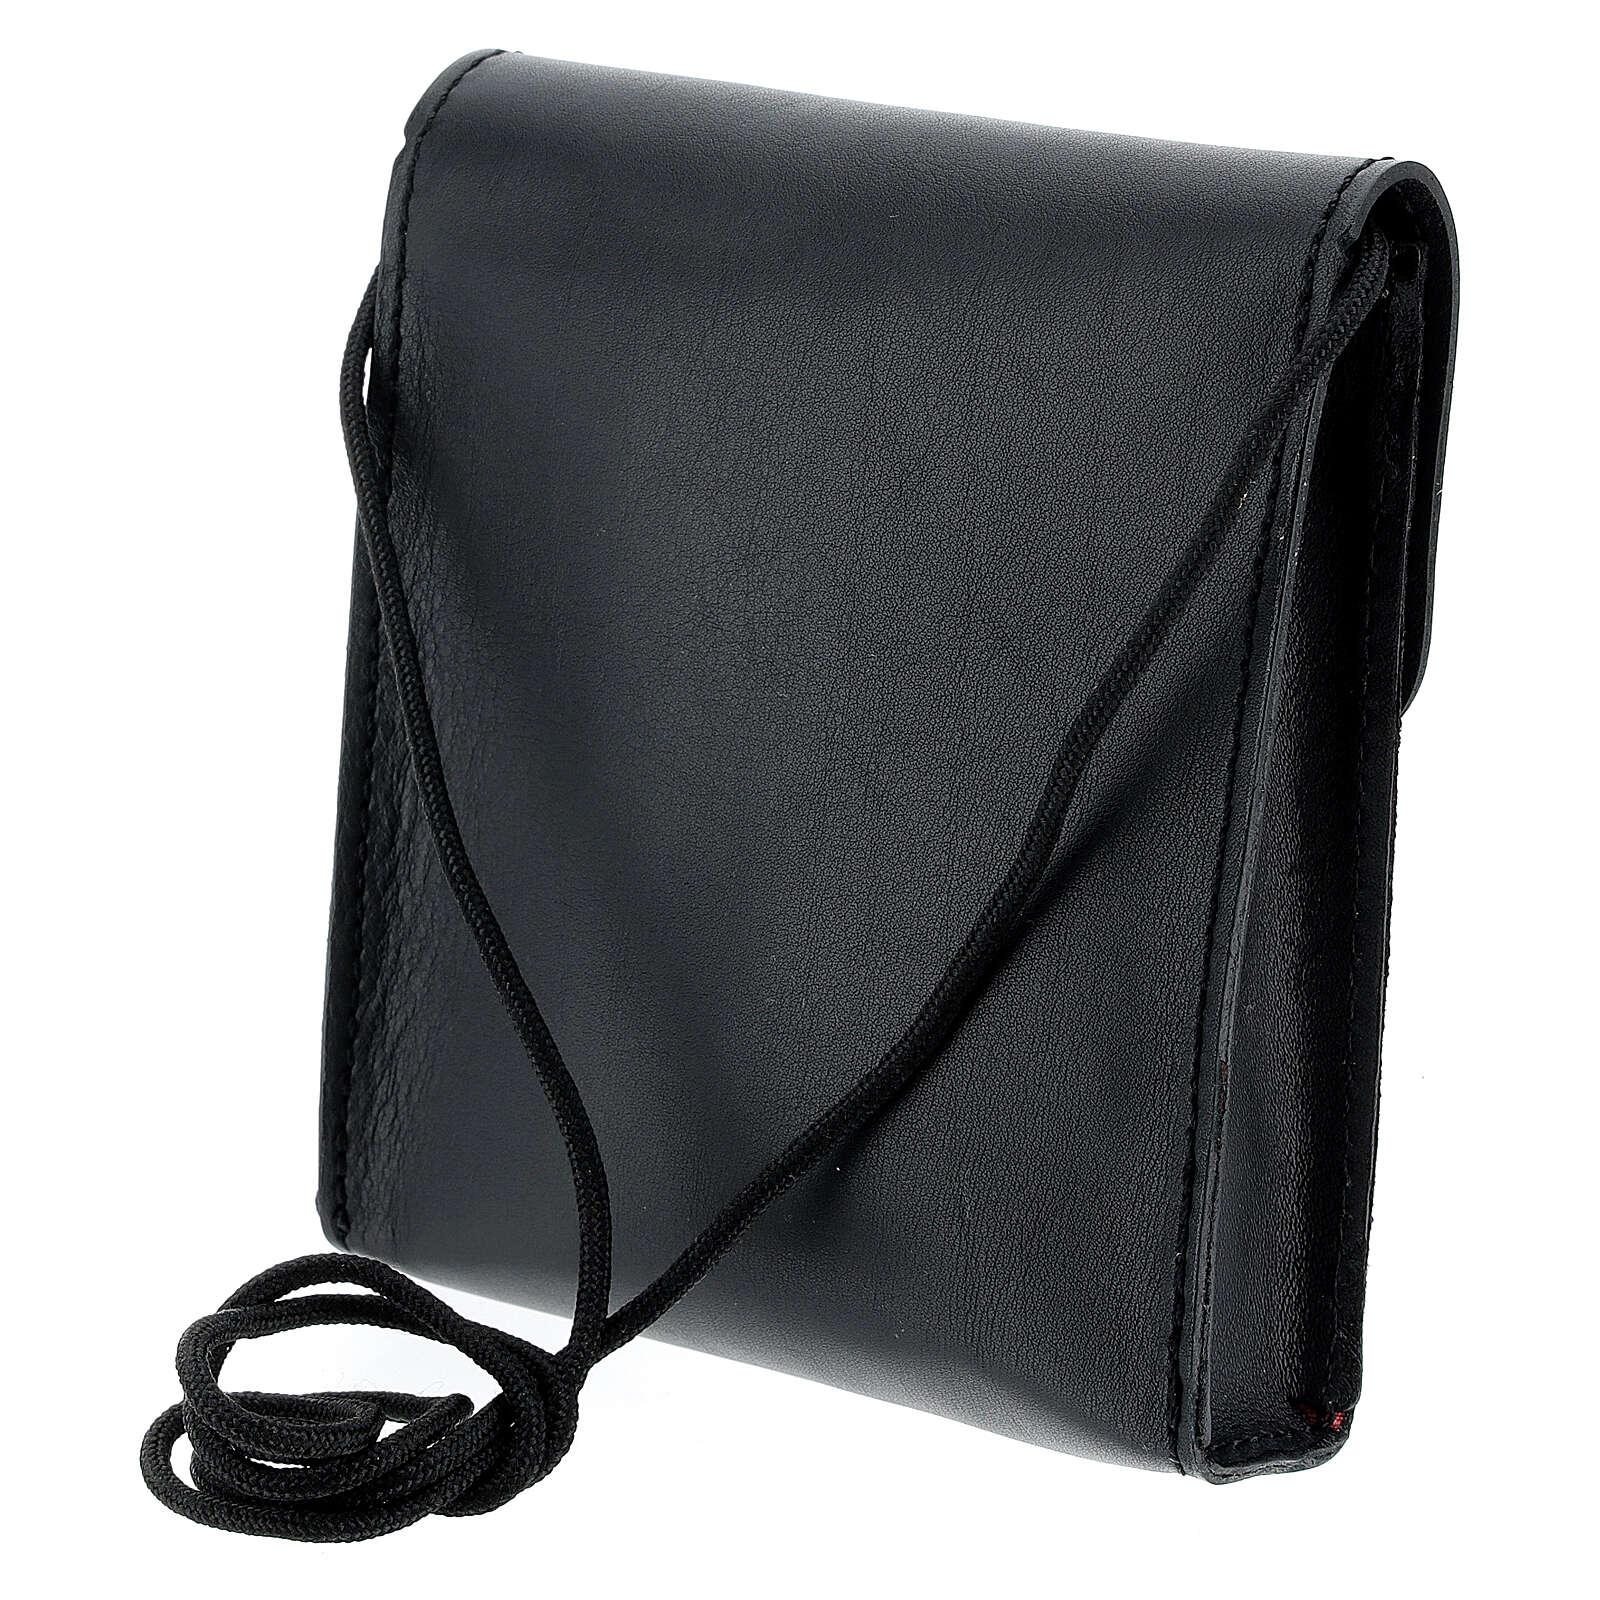 Sac rectangulaire pour patène 13x12 cm cuir véritable noir 4